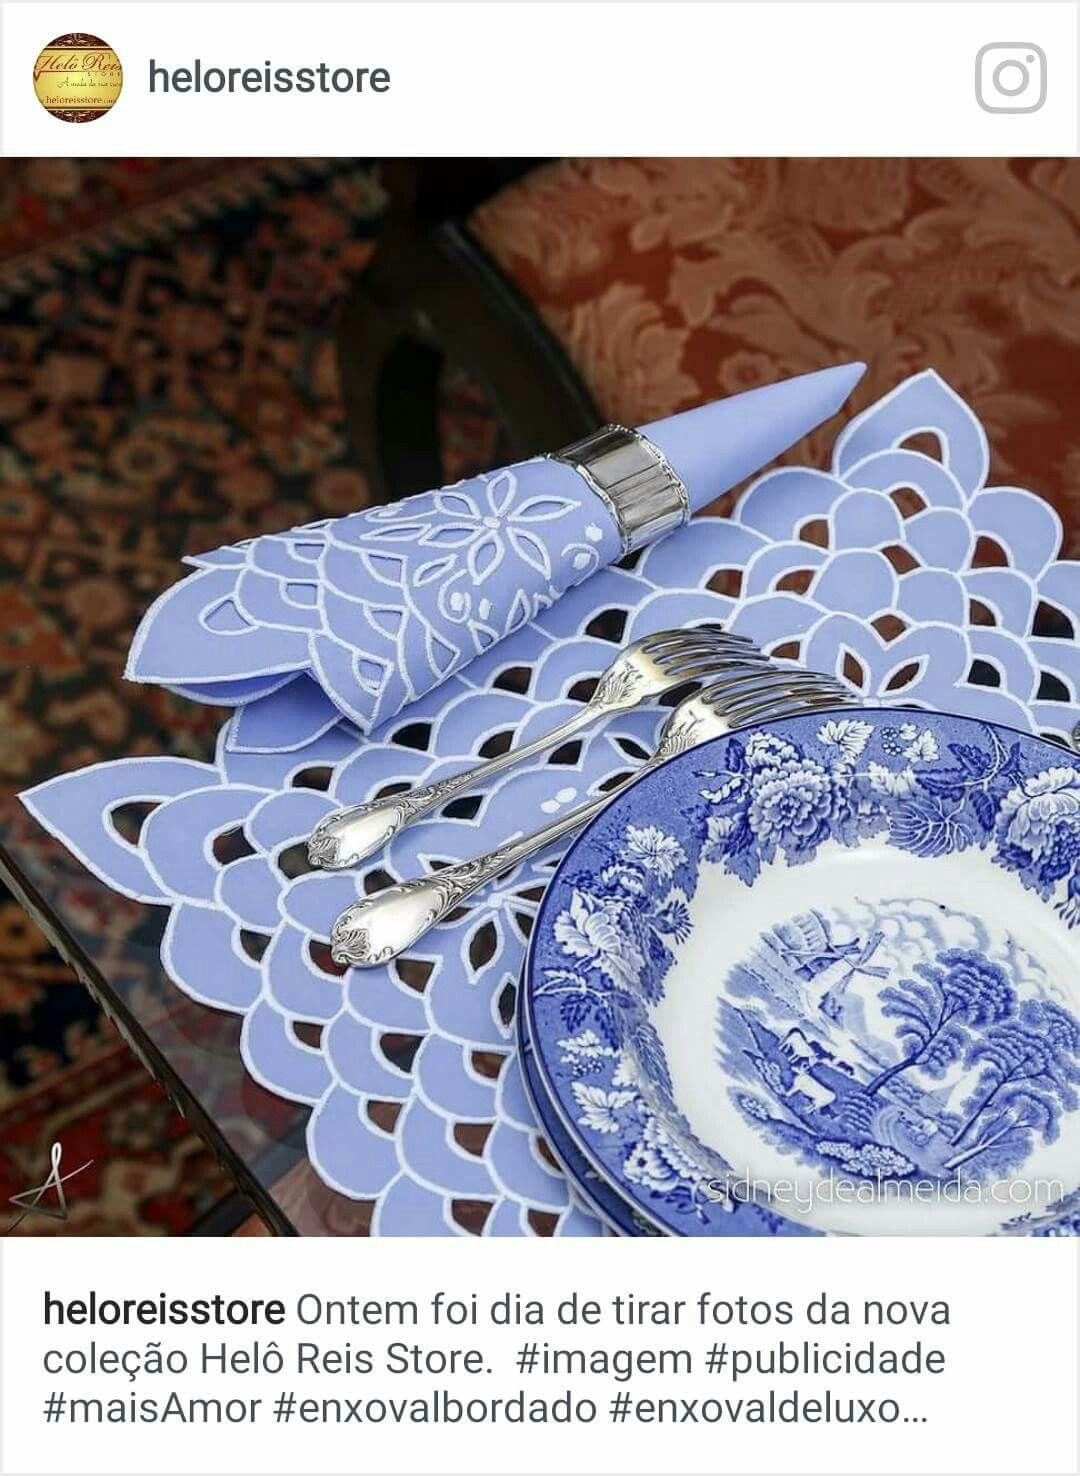 Hora do almoço #imagem #publicidade #maisAmor [ foto: @sidneydealmeidafotografo | peças de @heloreisstore ] www.sidneydealmeida.com.br